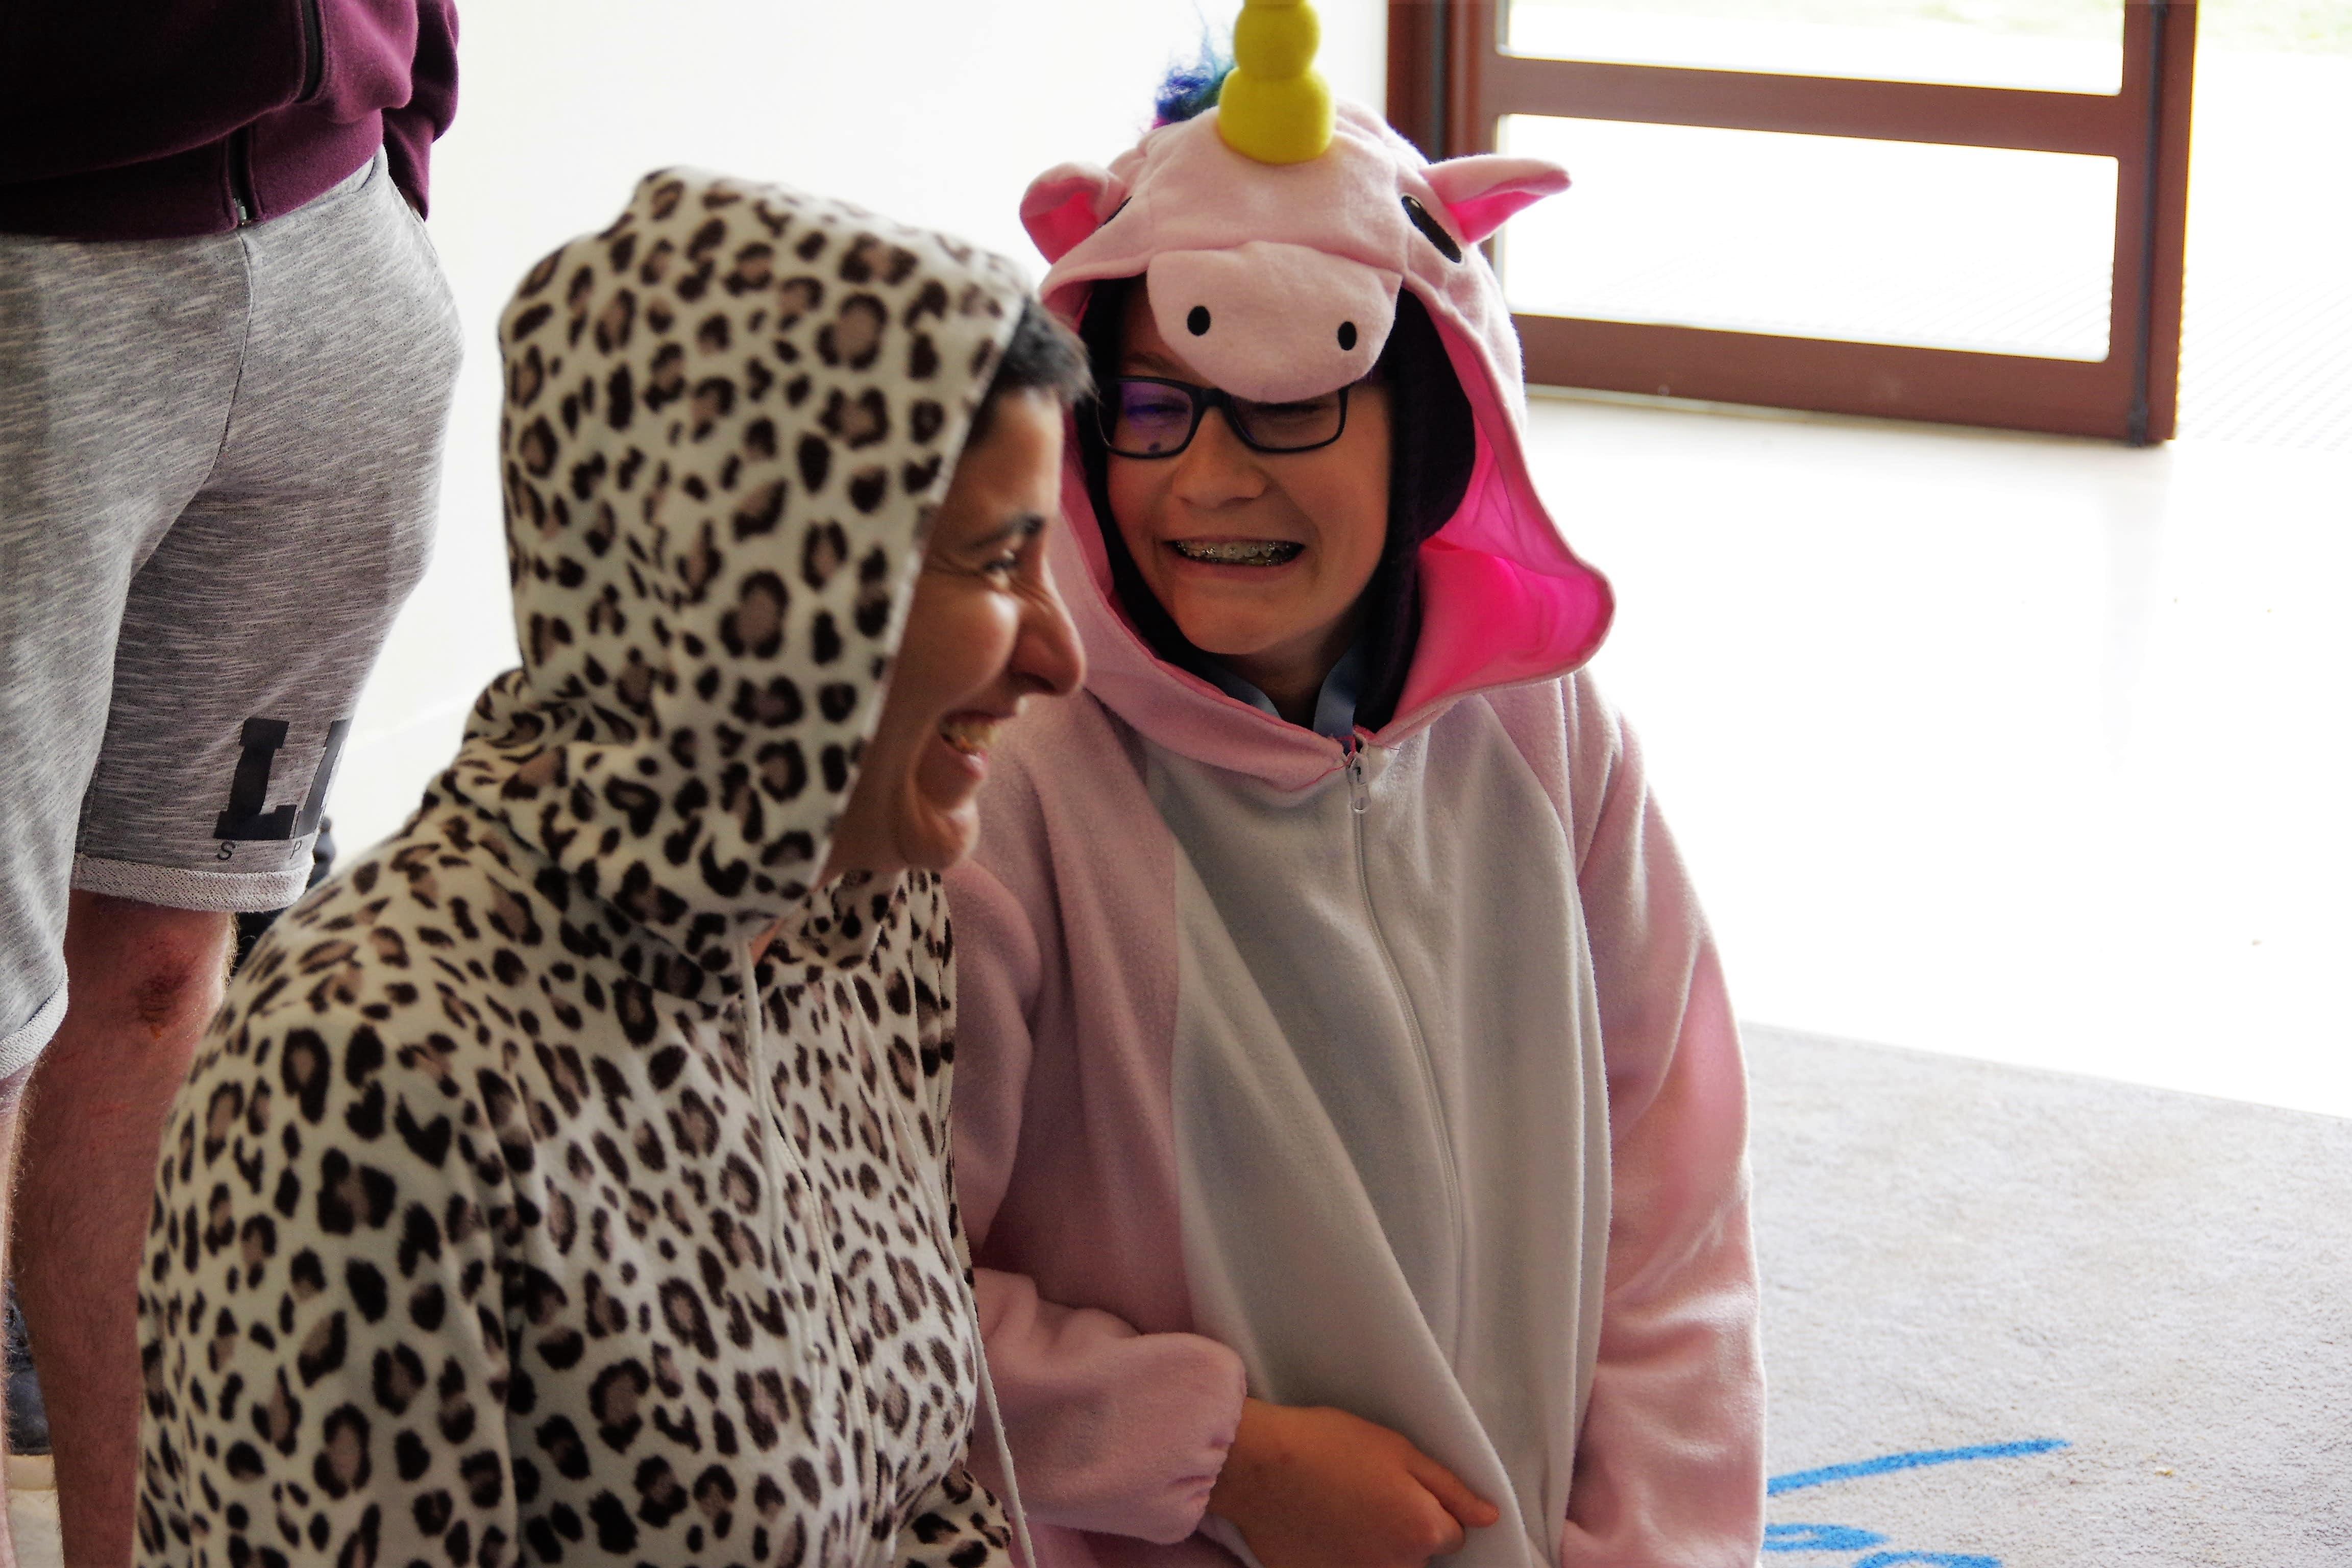 enfant et bénévole riant pendant l'activité JT